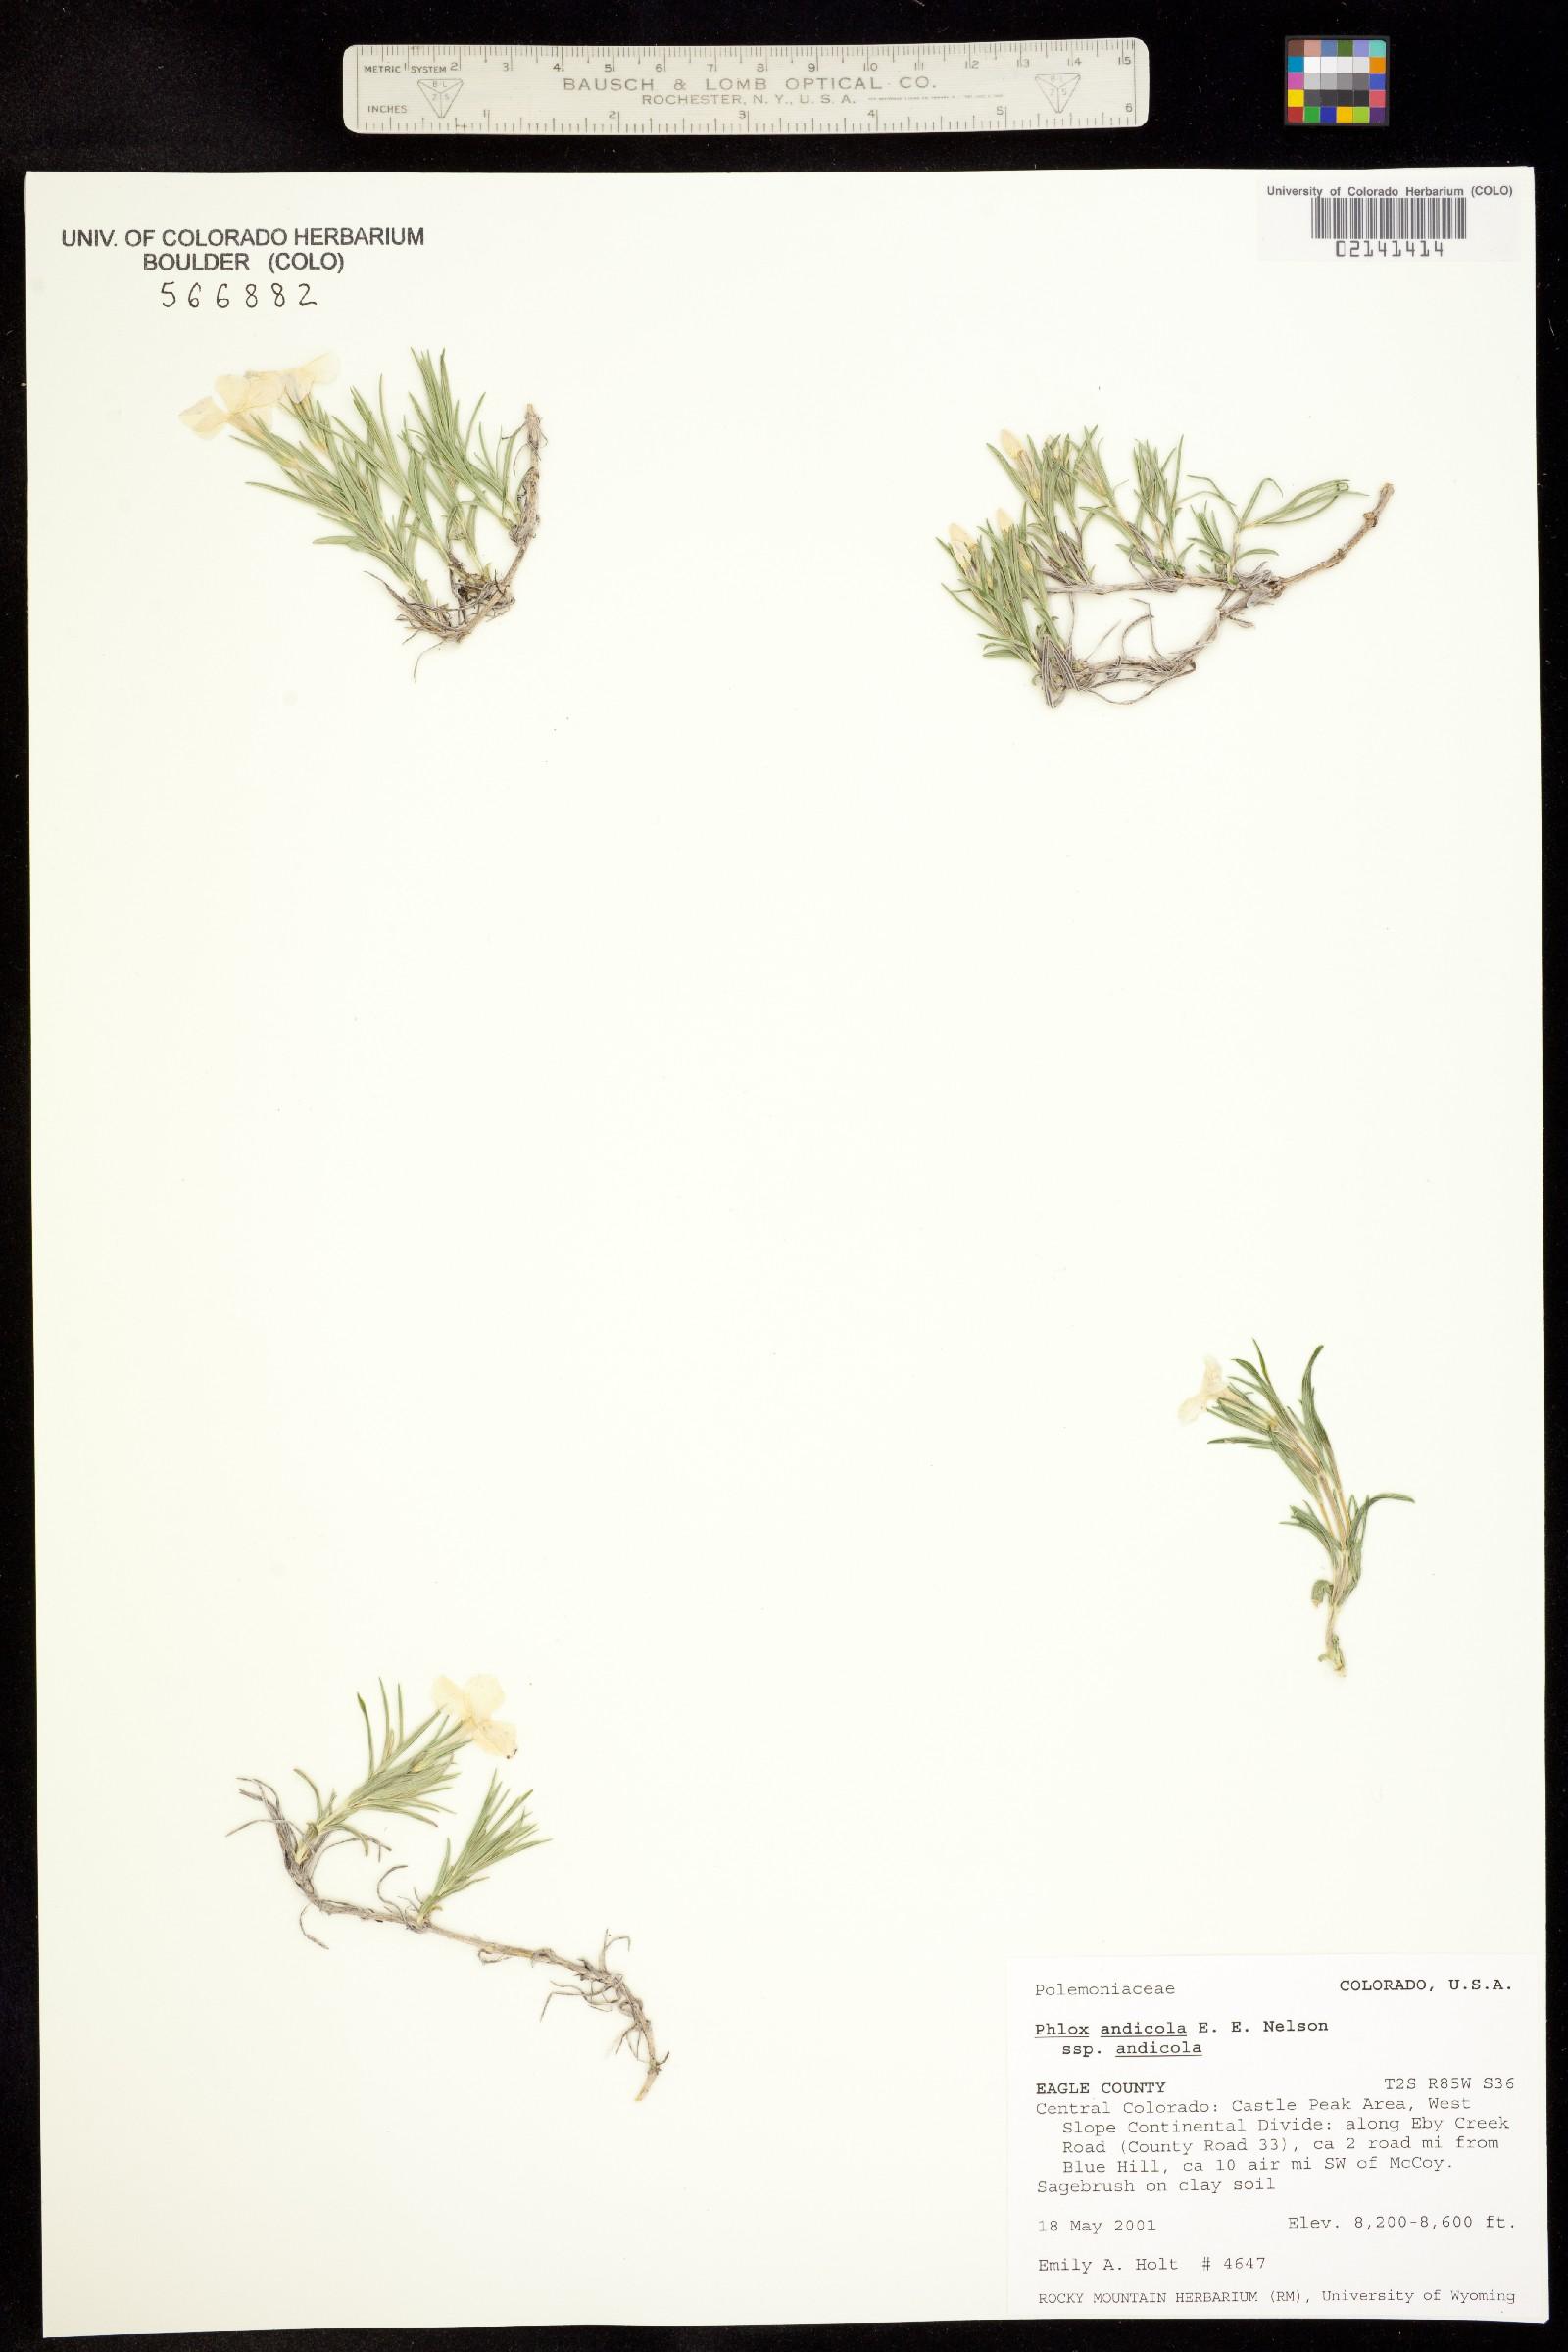 Phlox andicola ssp. andicola image